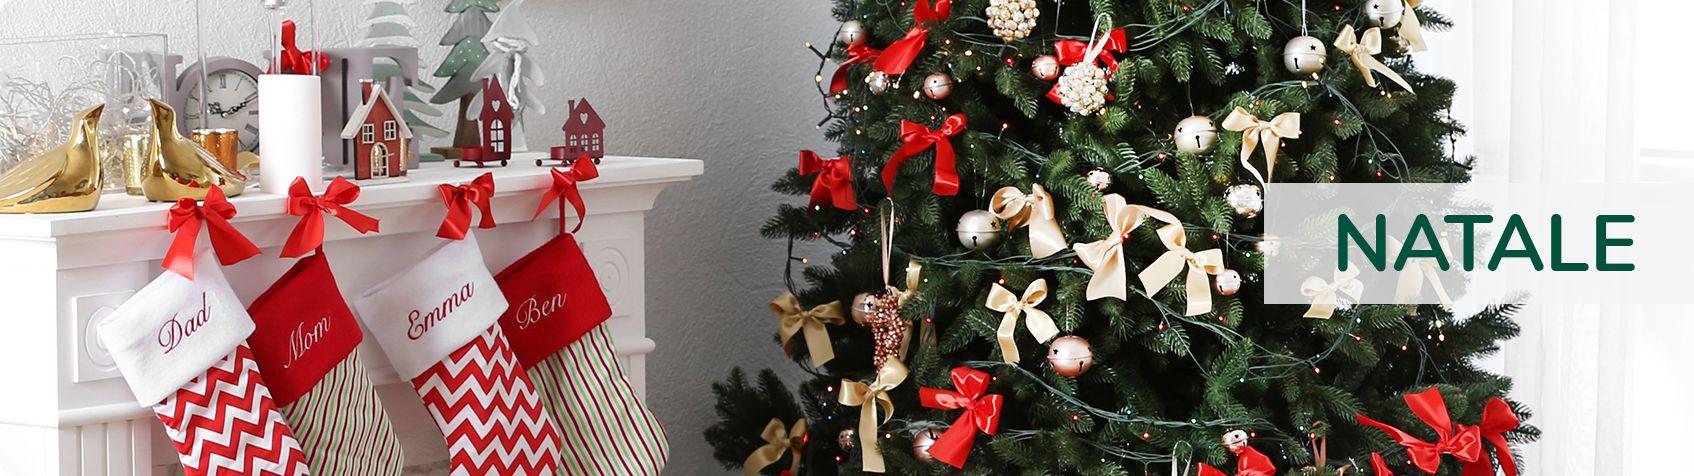 Decorazioni Natalizie Acquisto On Line.Tutto Natale Articoli Natalizi Online Consegna In 24h